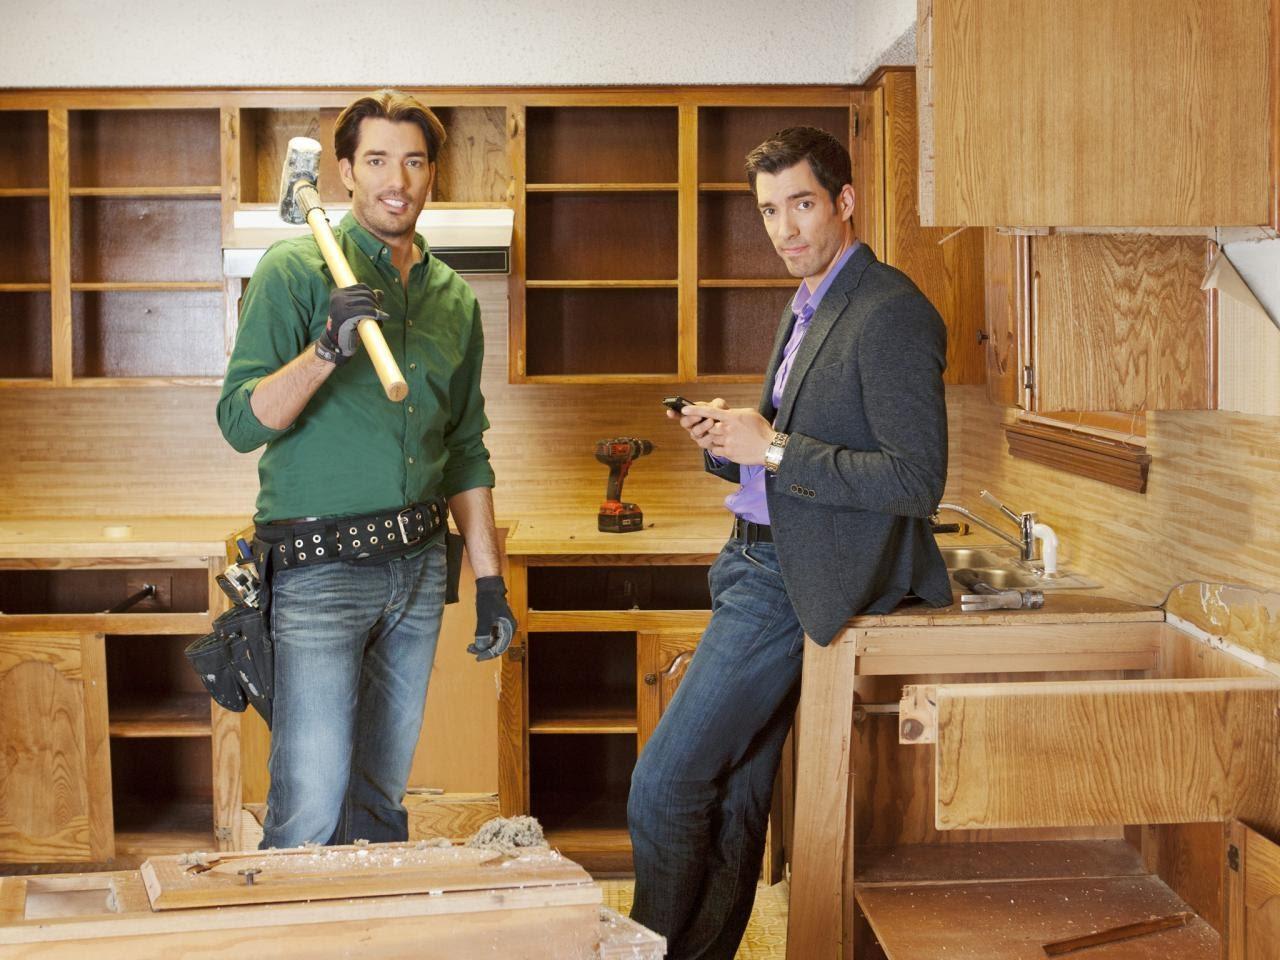 در بازسازی خانه چه چیزهایی را نگه داشته و چه چیزهایی را تعویض کنید